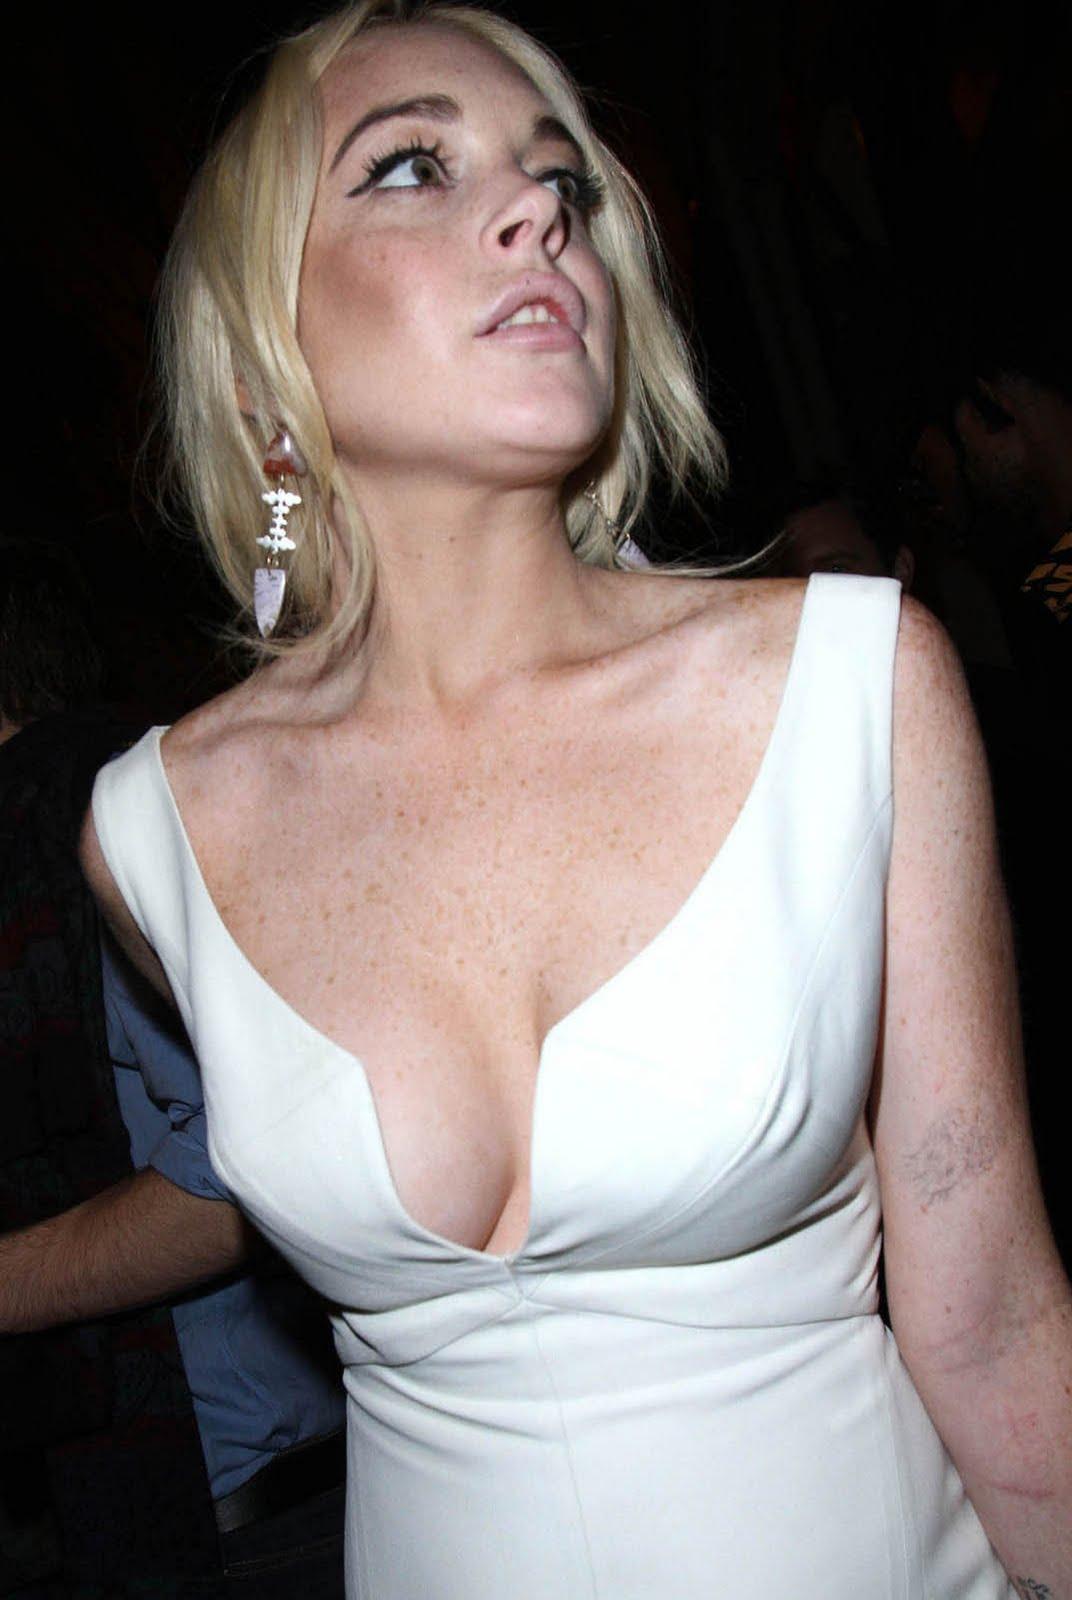 http://2.bp.blogspot.com/-zABX9eqYJ4M/Tontl2HbXdI/AAAAAAAAIWw/w-BTLFd55BM/s1600/lindsay_lohan_white_pop_cleavage.jpg